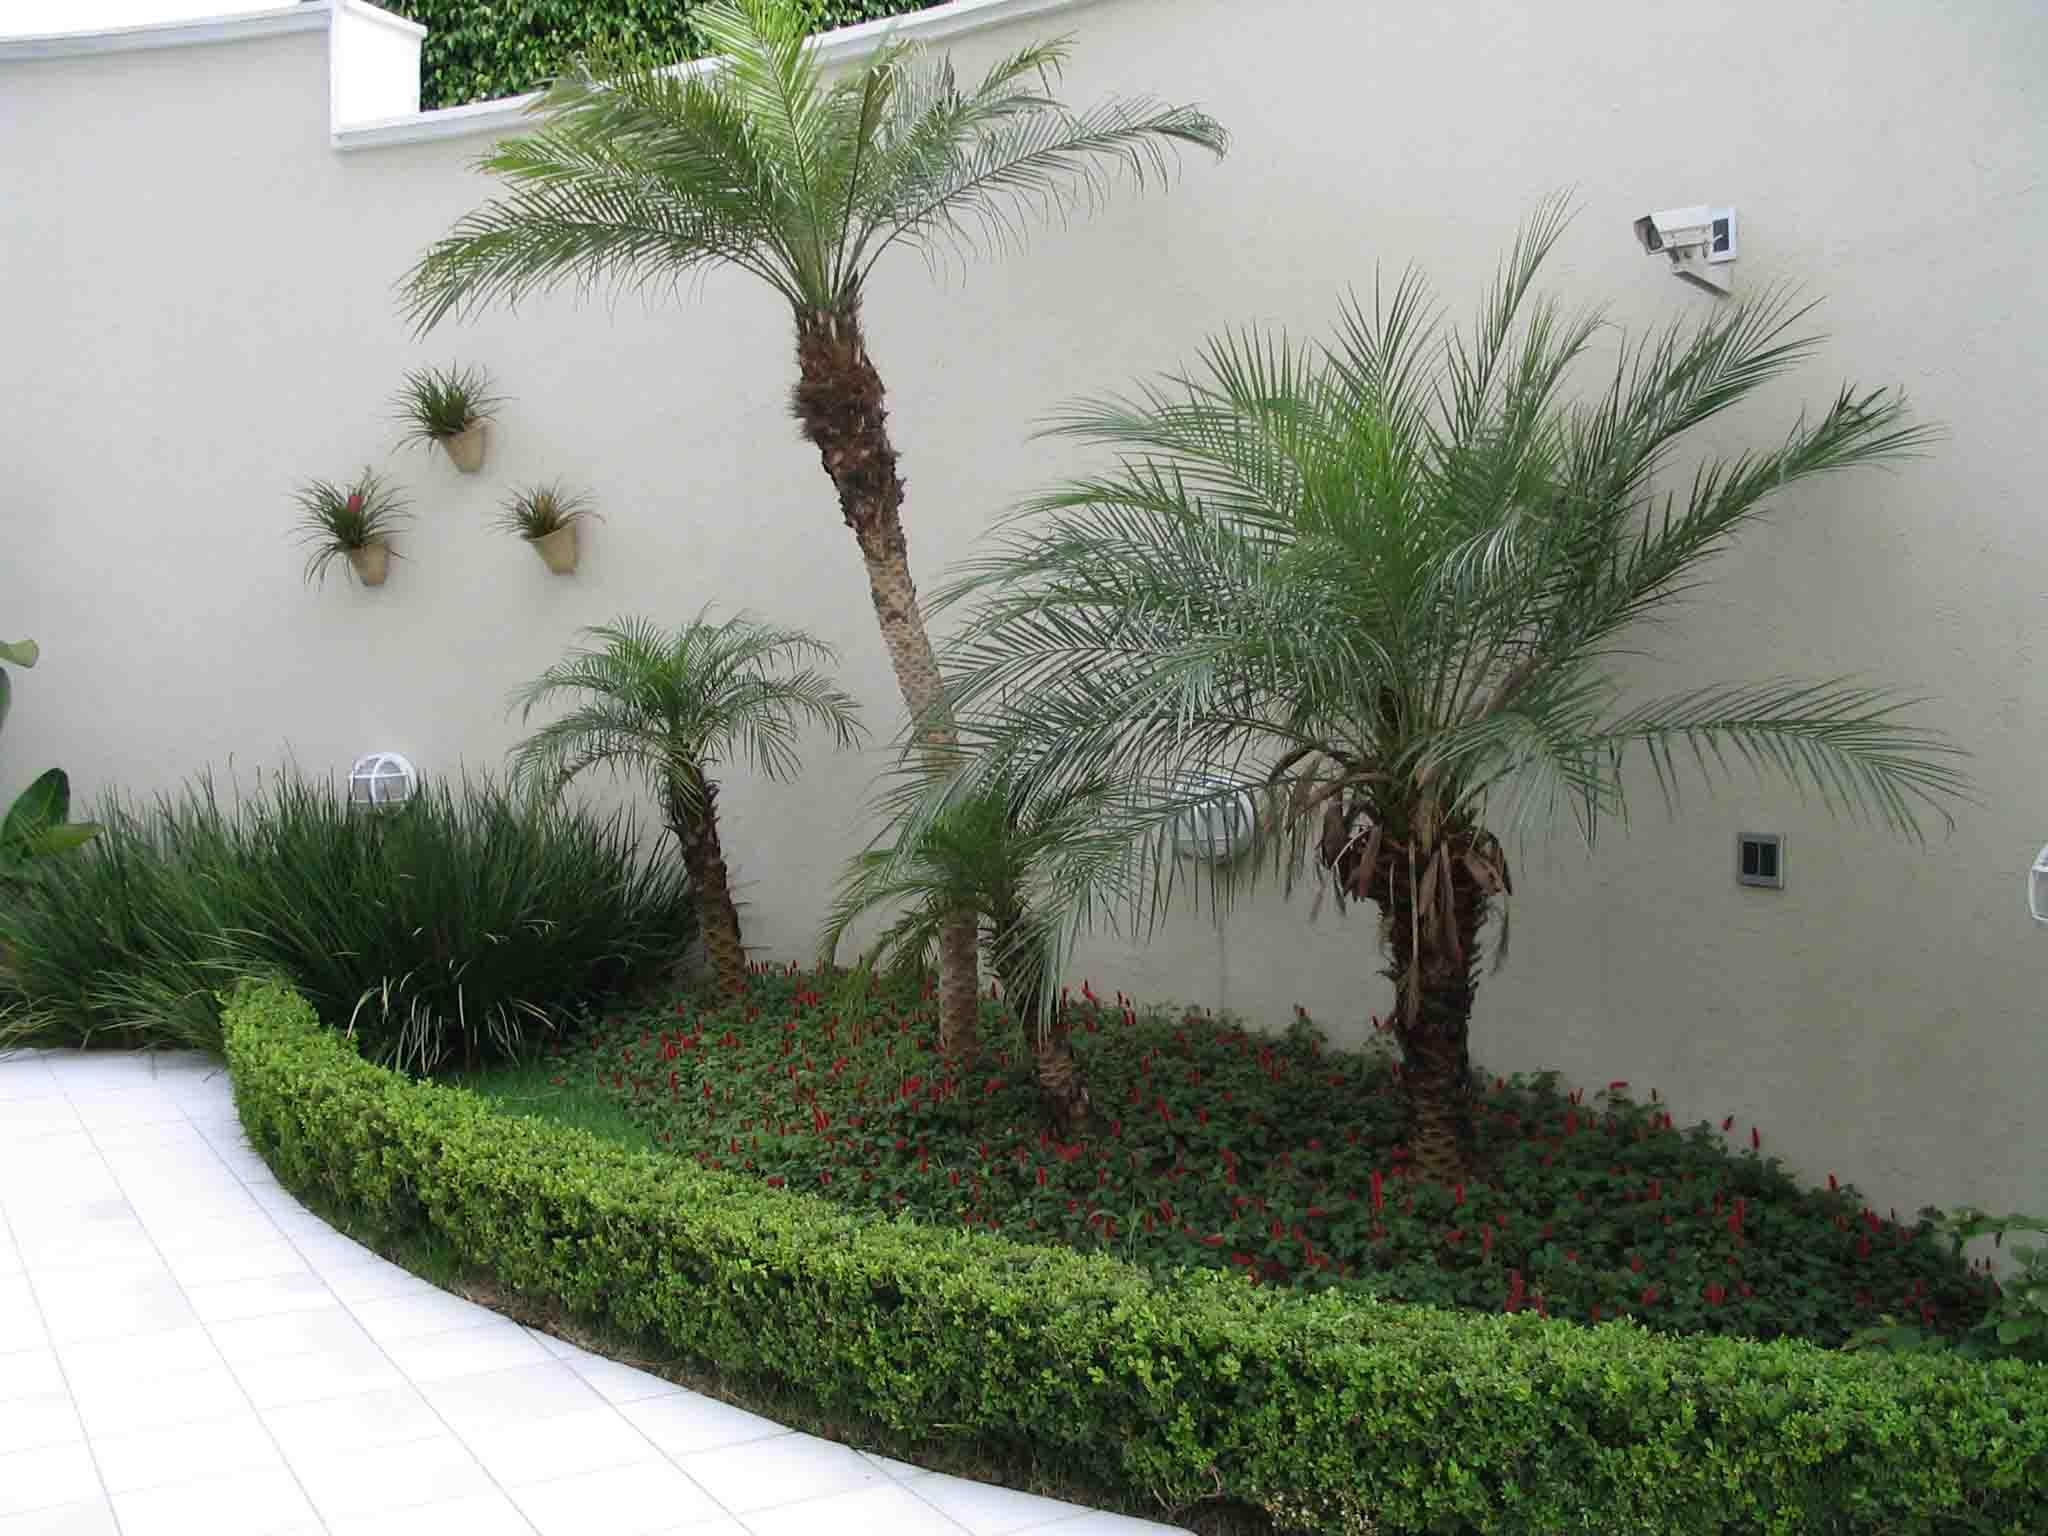 Plantas Ornamentais para Jardim Fotos e Externo  Jardim Decorado